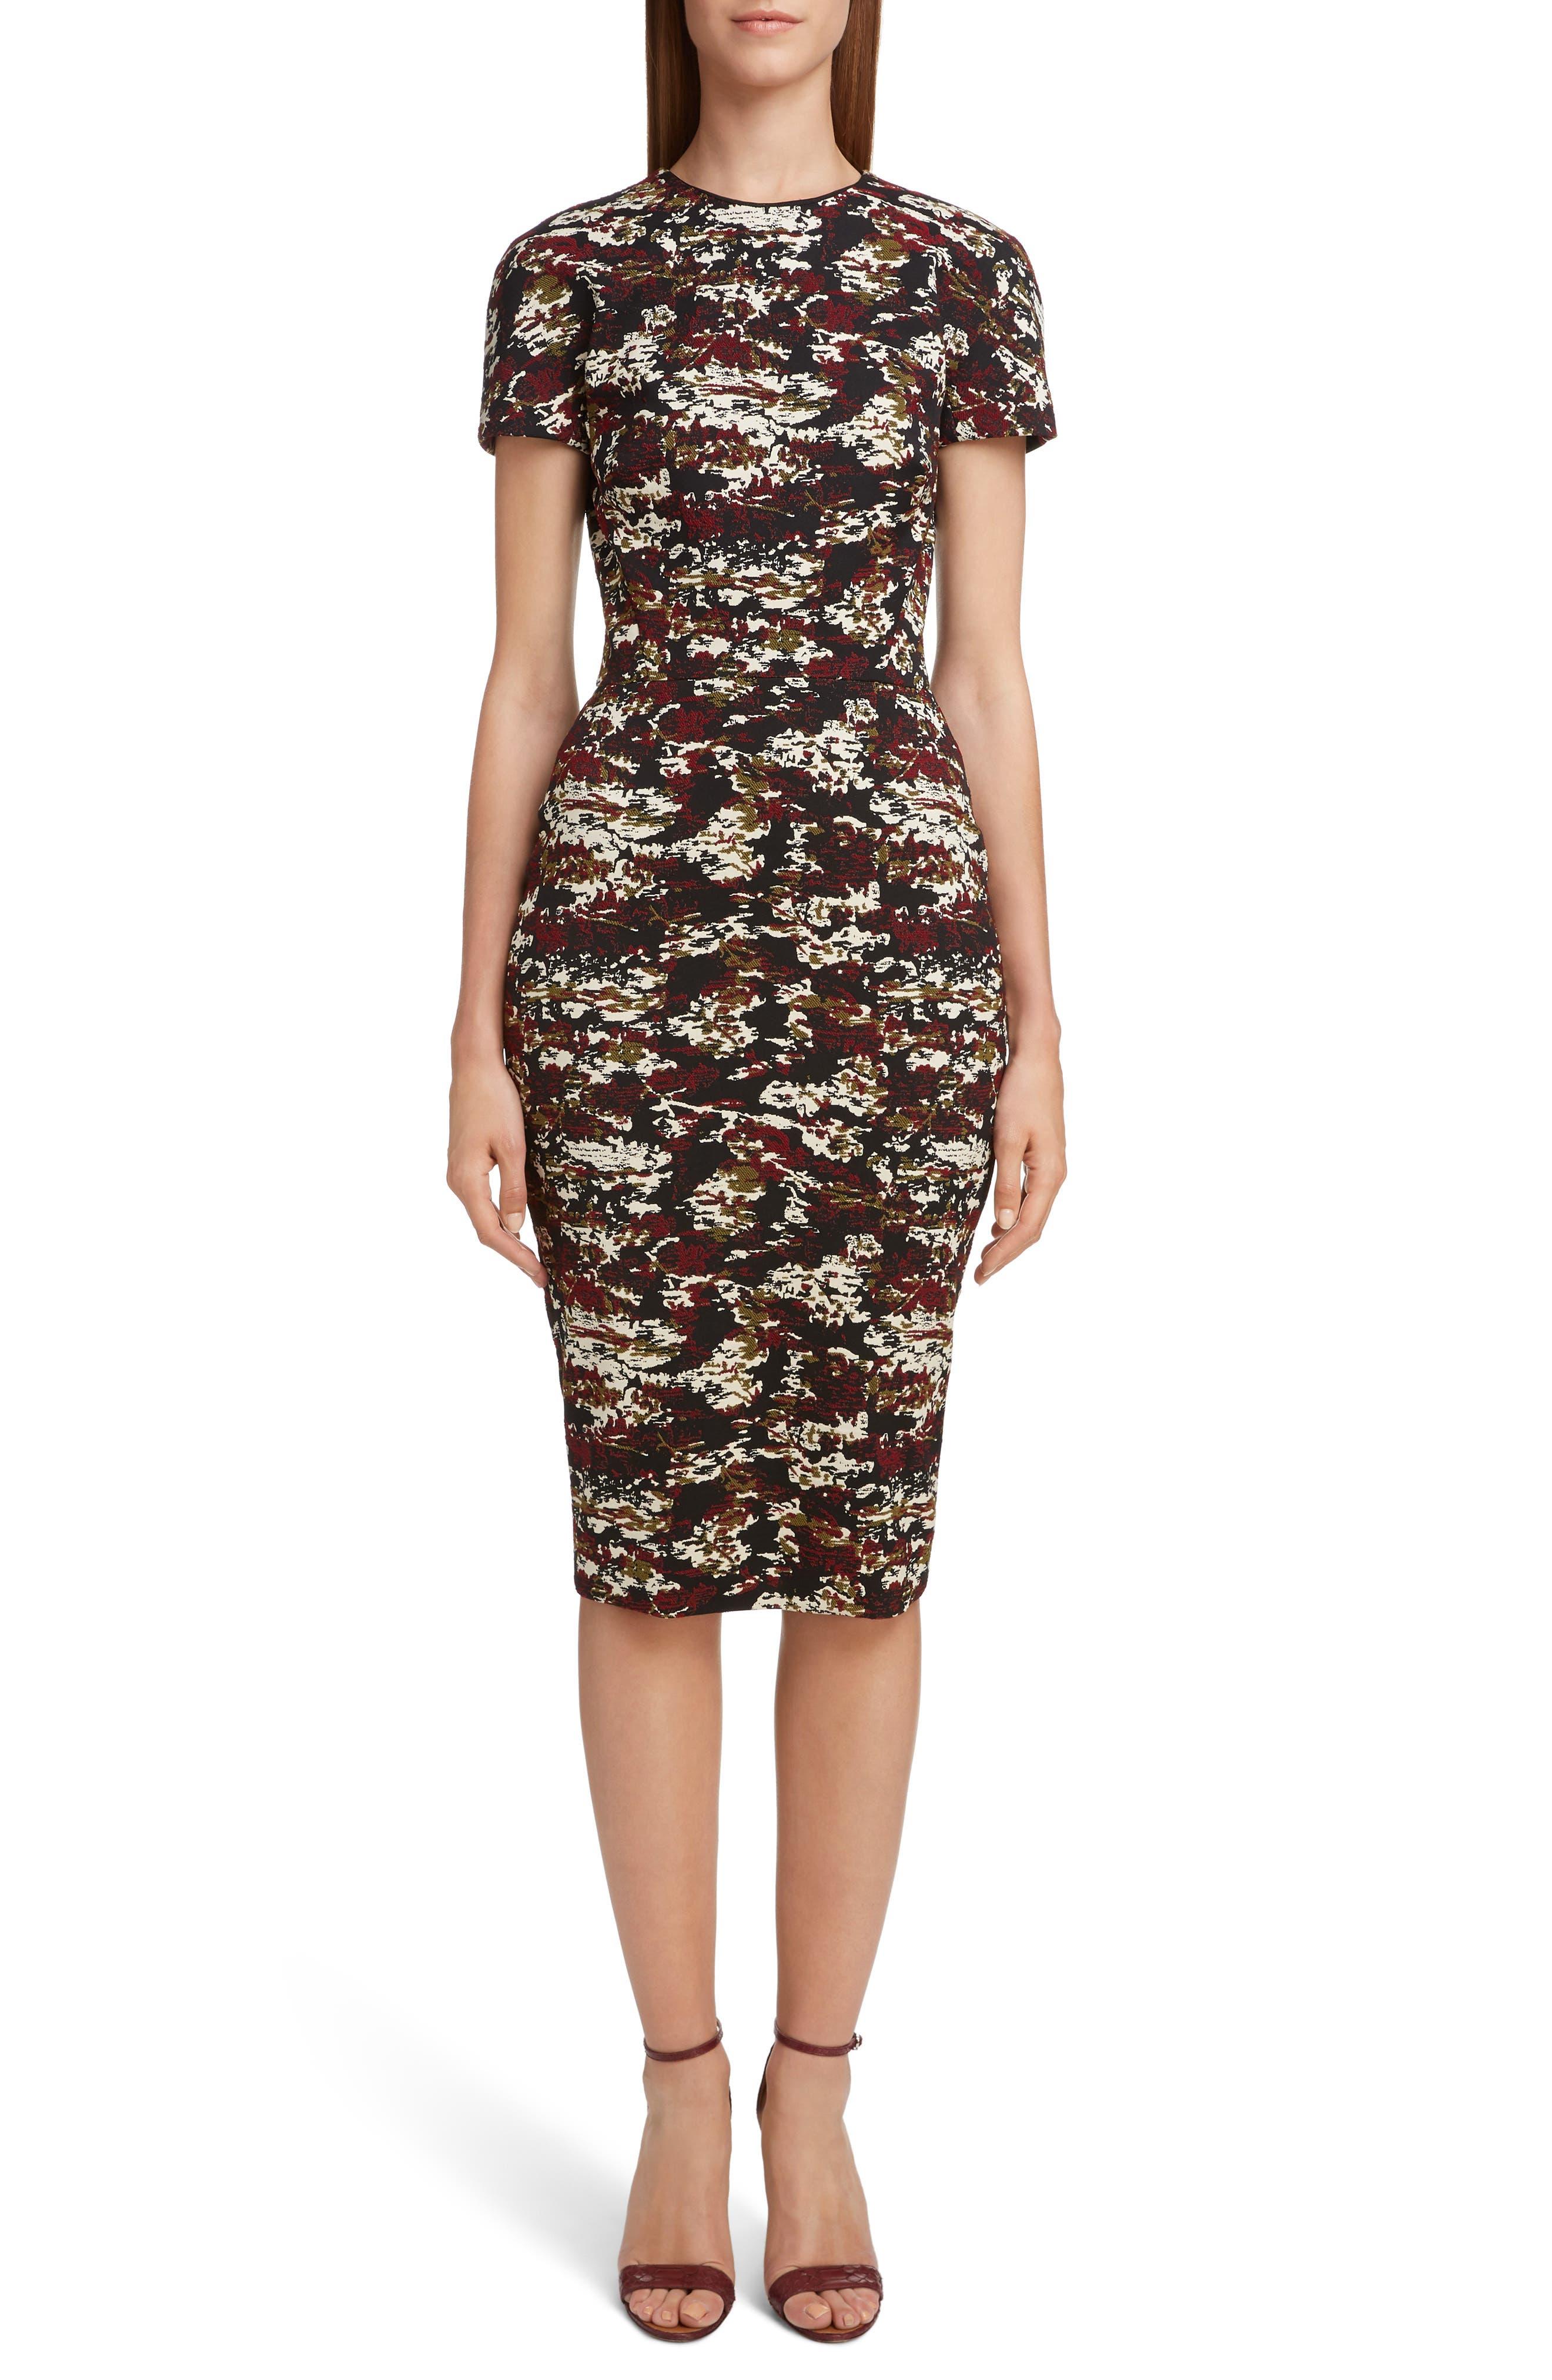 VICTORIA BECKHAM Camouflage Jacquard Dress, Main, color, BORDEAUX-BLACK